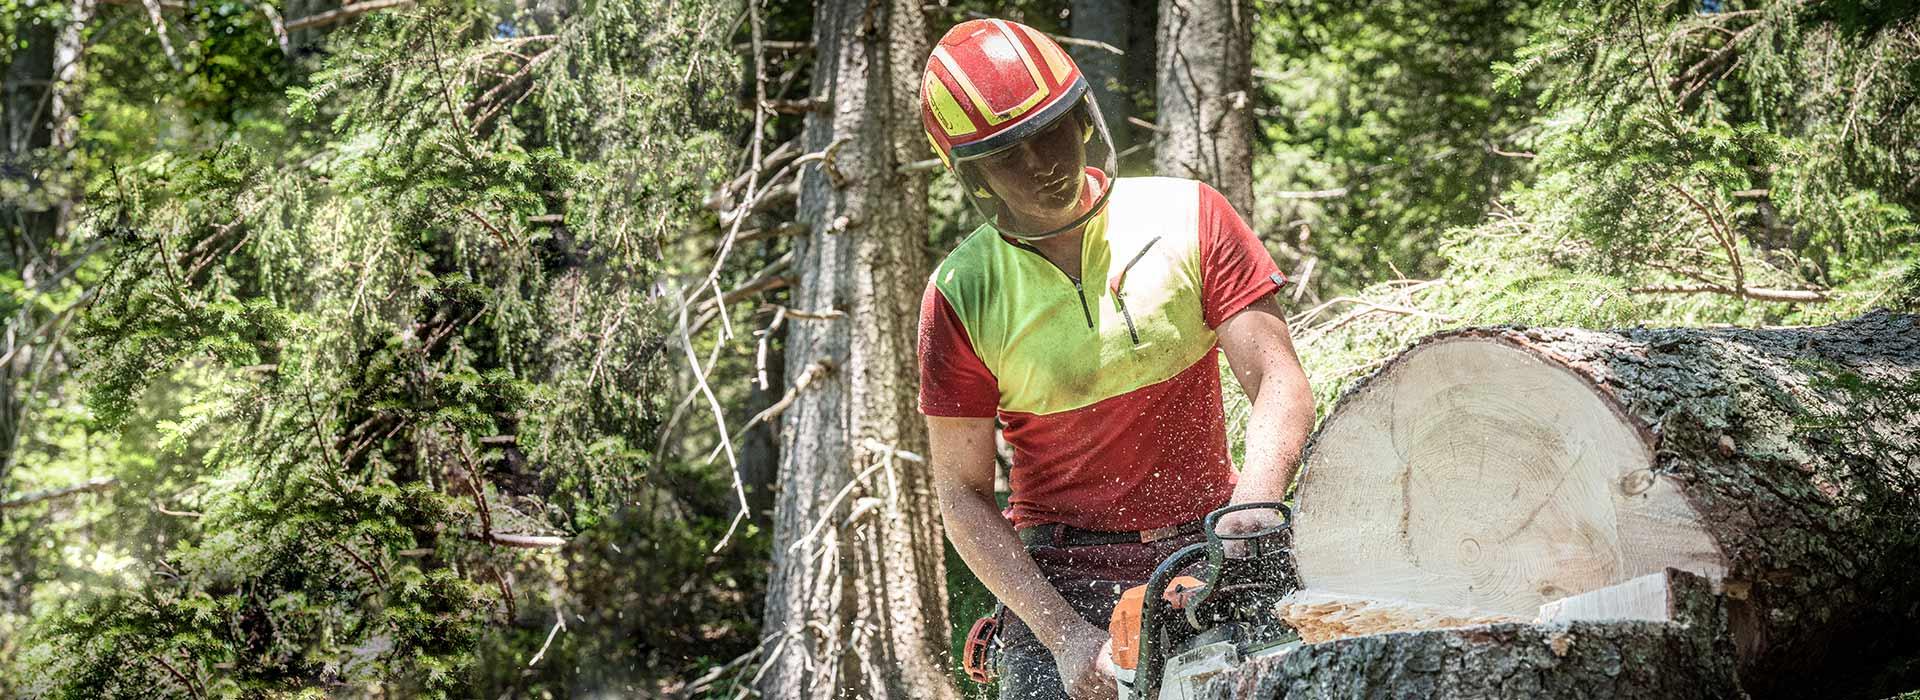 Glueck-Baumfaellung_Salzburg - Holzfäller, Holzfällung Holzschlägerungen Rodung und Entsorgung von Bäumen in Salzburg